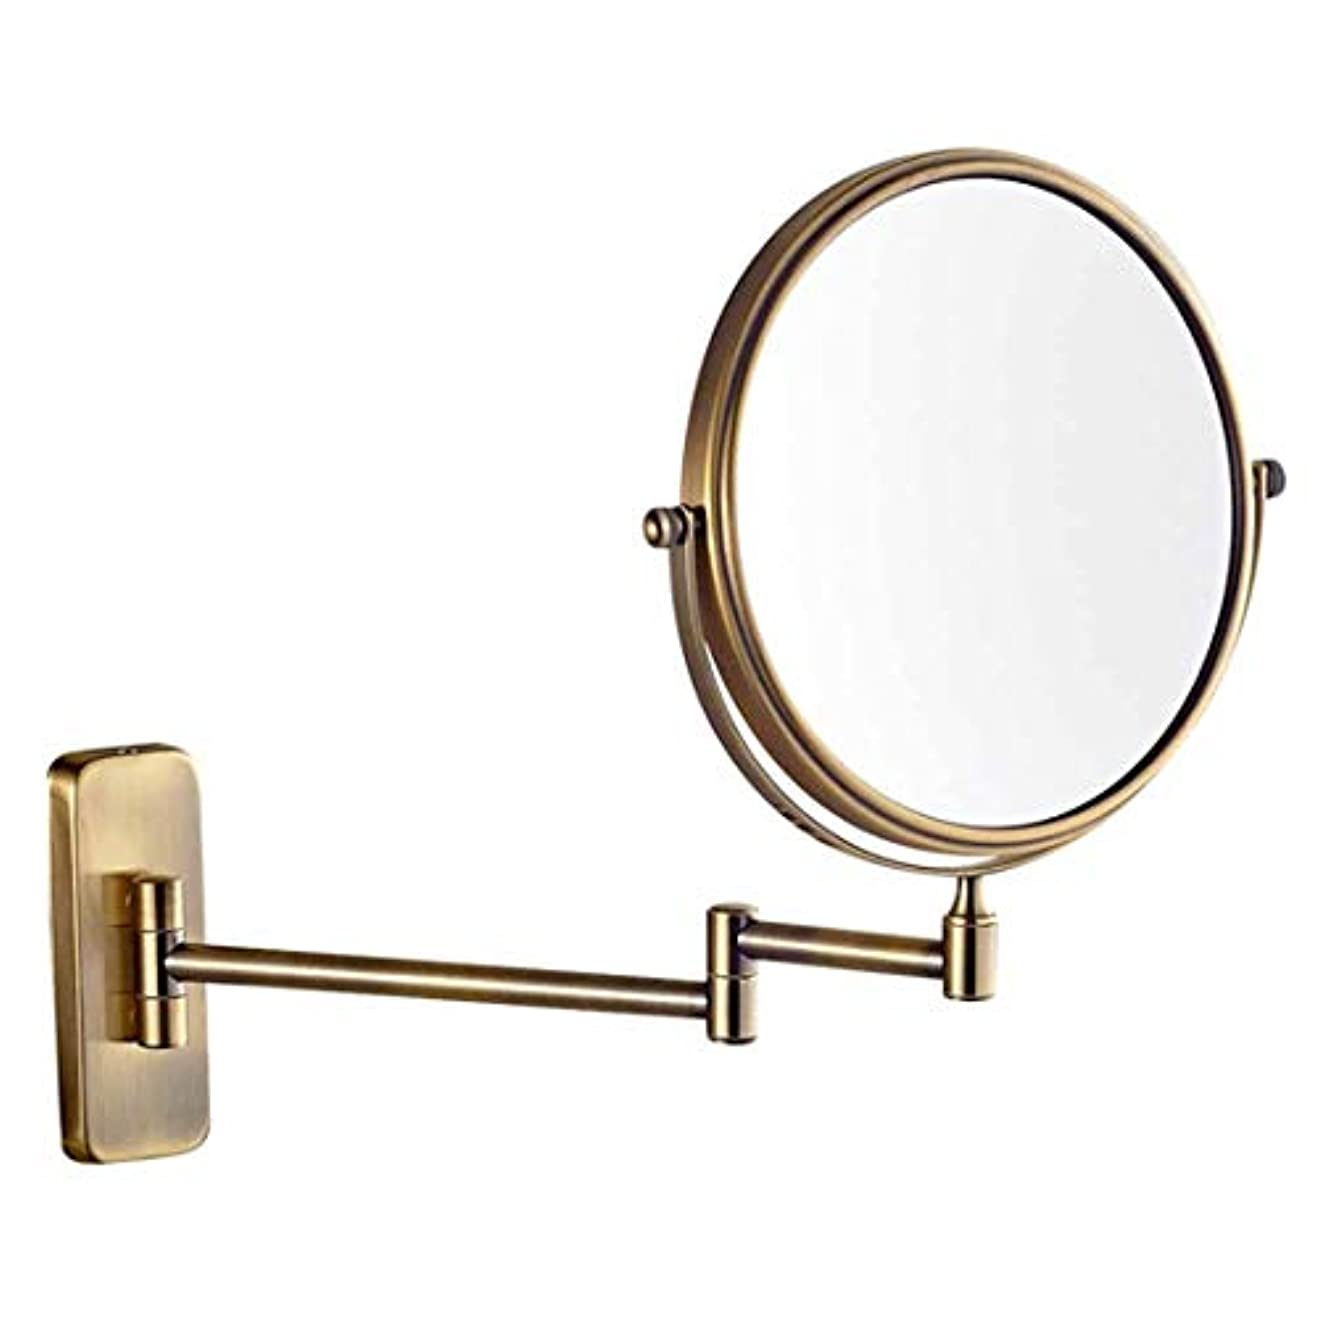 パーセントひらめき製油所3倍(5倍、7倍、10倍)拡大壁掛けバスルーム化粧鏡ミラー両面シェービング化粧鏡,5X,20cm